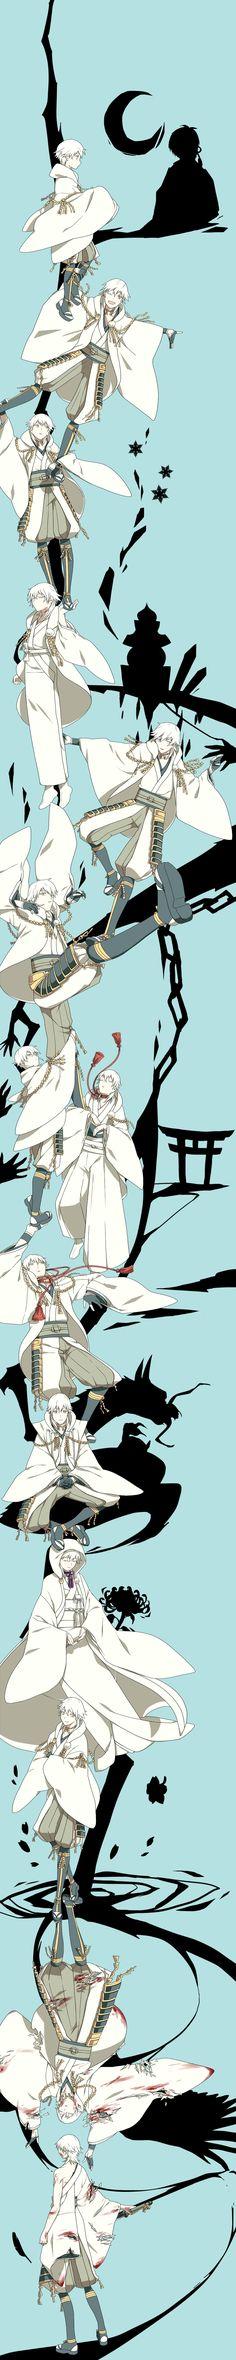 Tsurumaru Kuninaga/#1842750 - Zerochan touken ranbu 刀剣乱舞